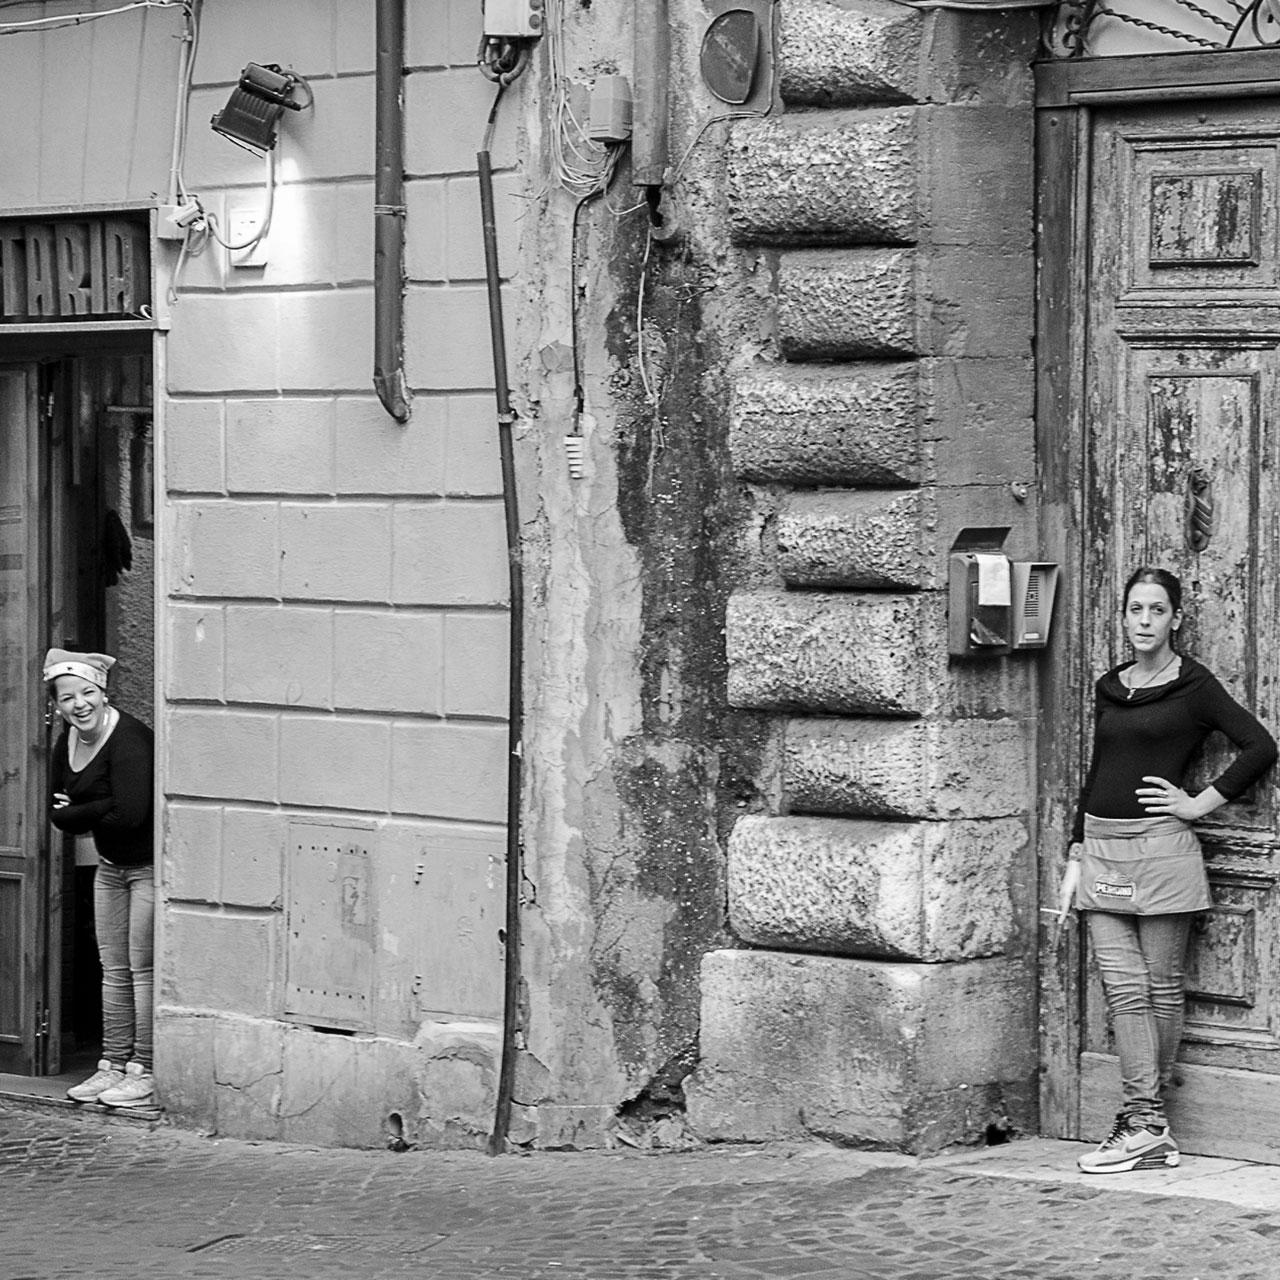 maniero rocca Rome collection